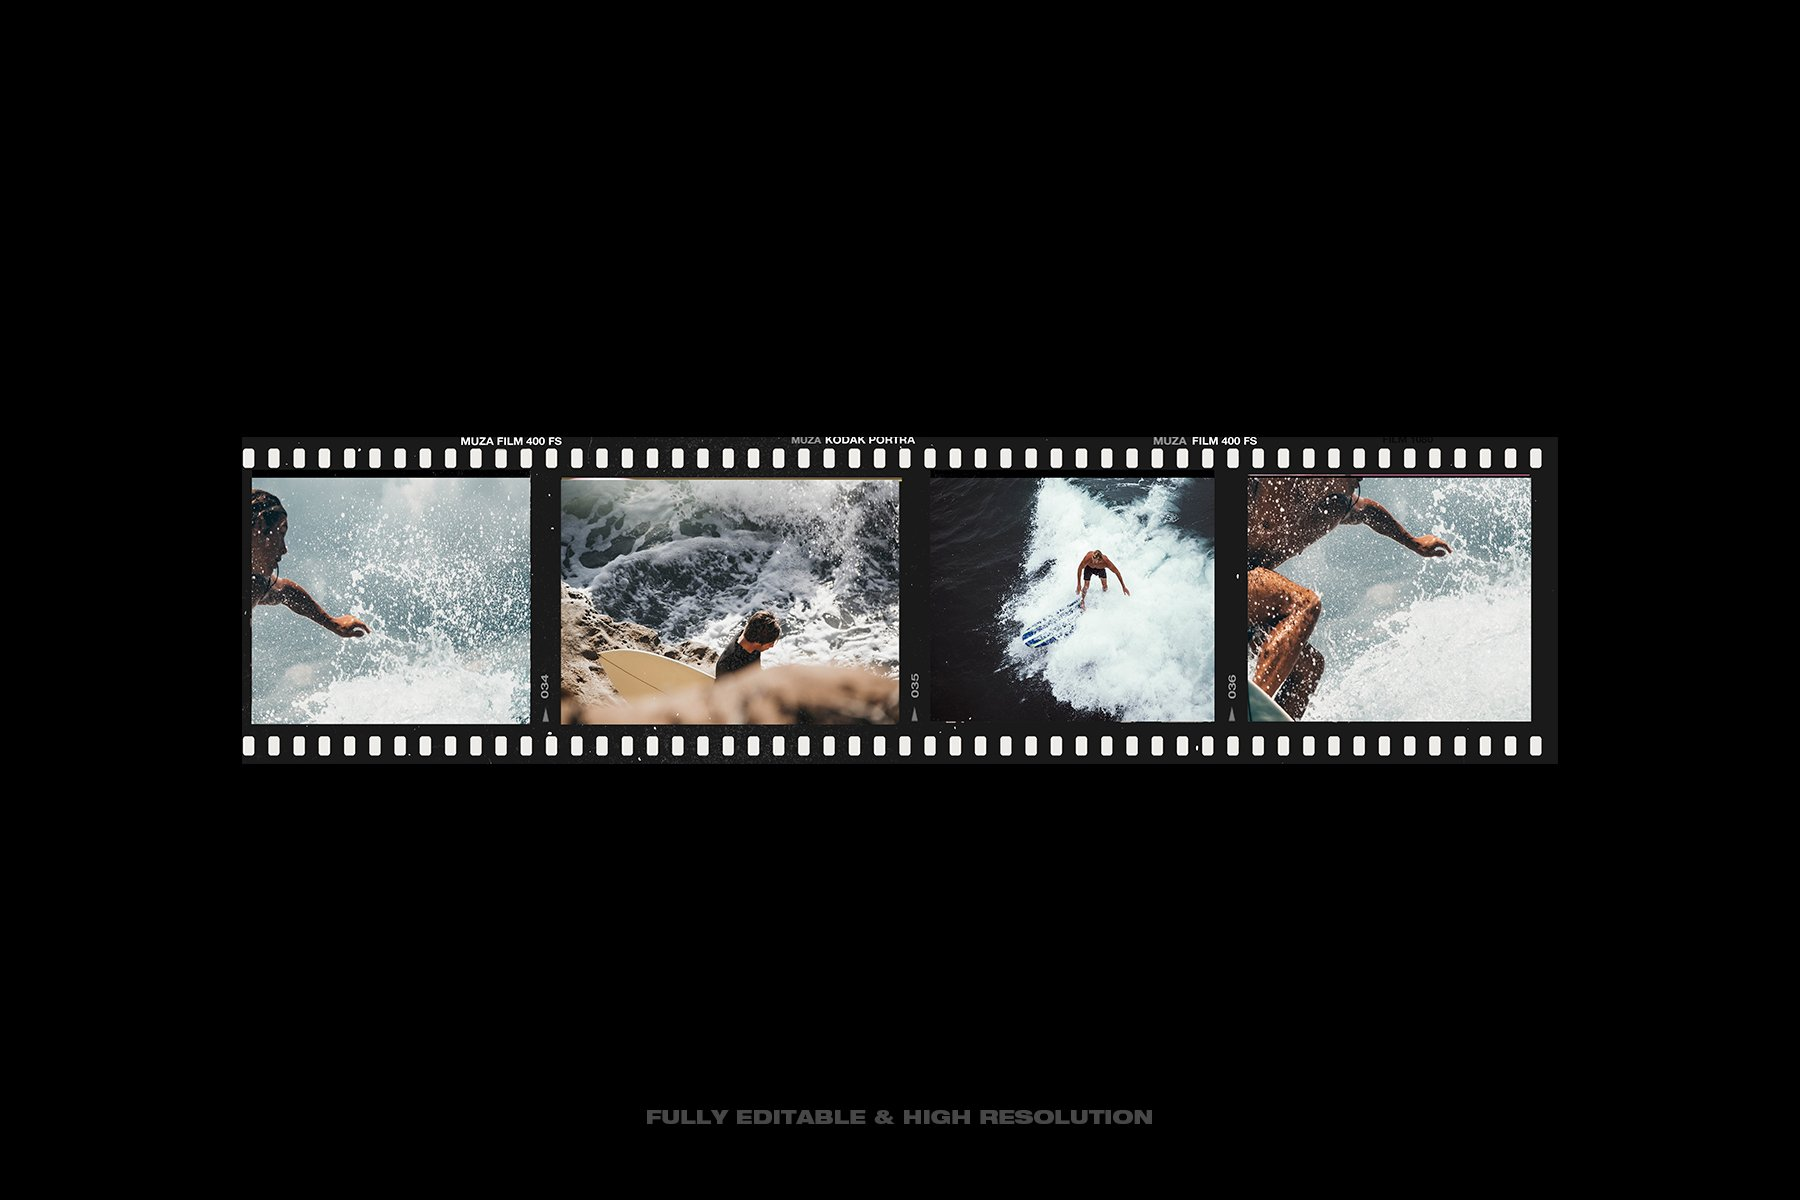 [淘宝购买] 复古做旧相机相片胶卷胶片边框图层叠加样机PS设计素材 High Quality Film Frames Creator插图(10)